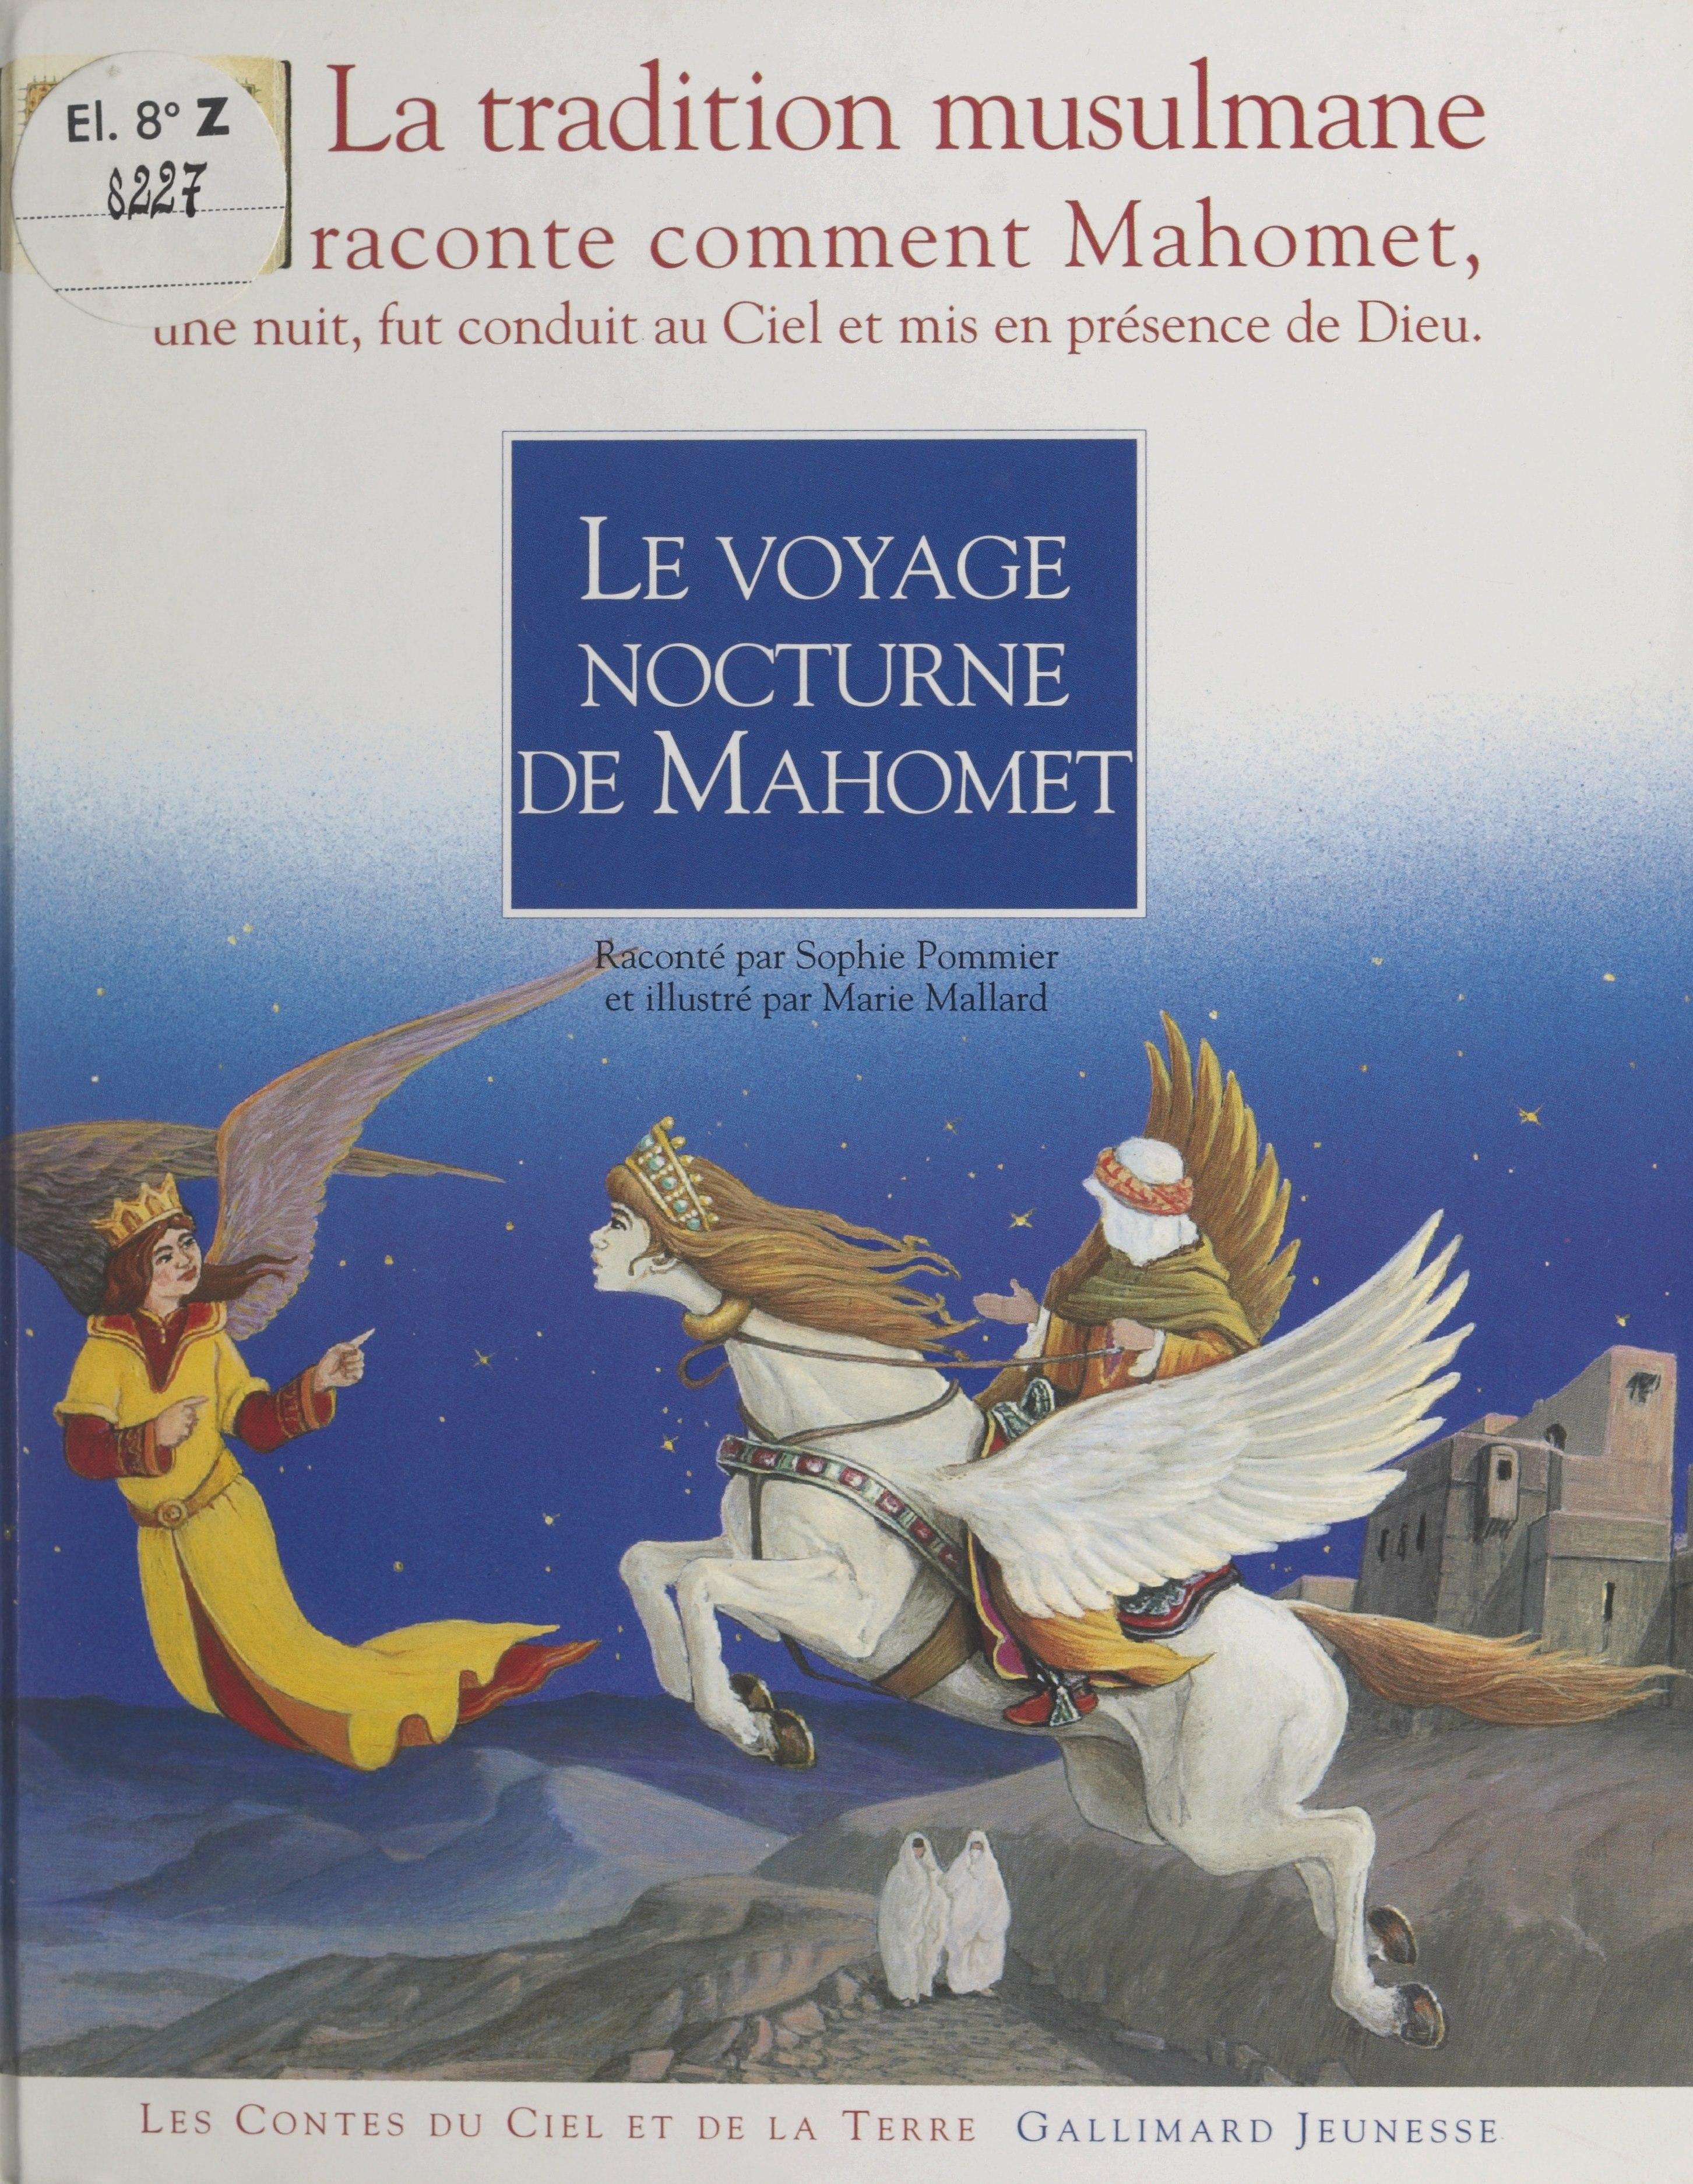 Le voyage nocturne de Mahomet